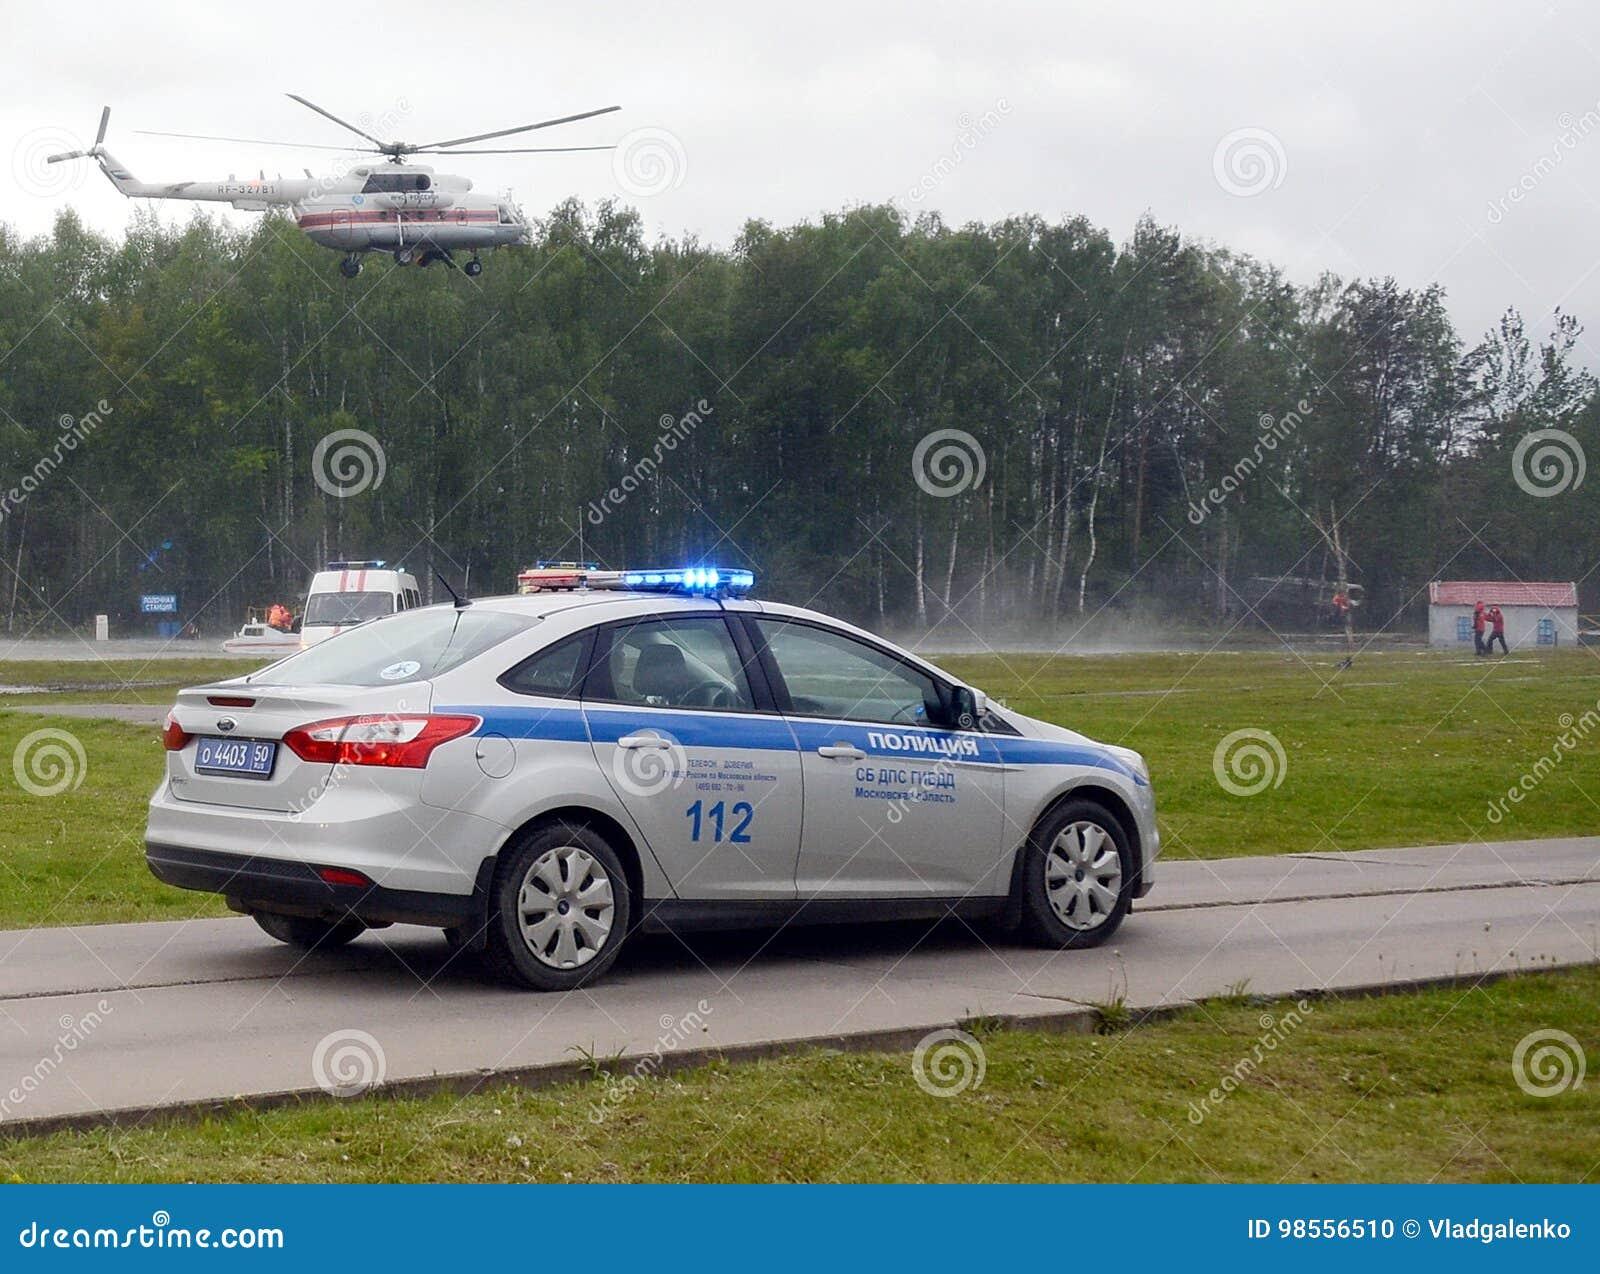 Samochód policyjny i helikopter emergencies ministerstwo z powodu Noginsk ratuneku ześrodkowywamy